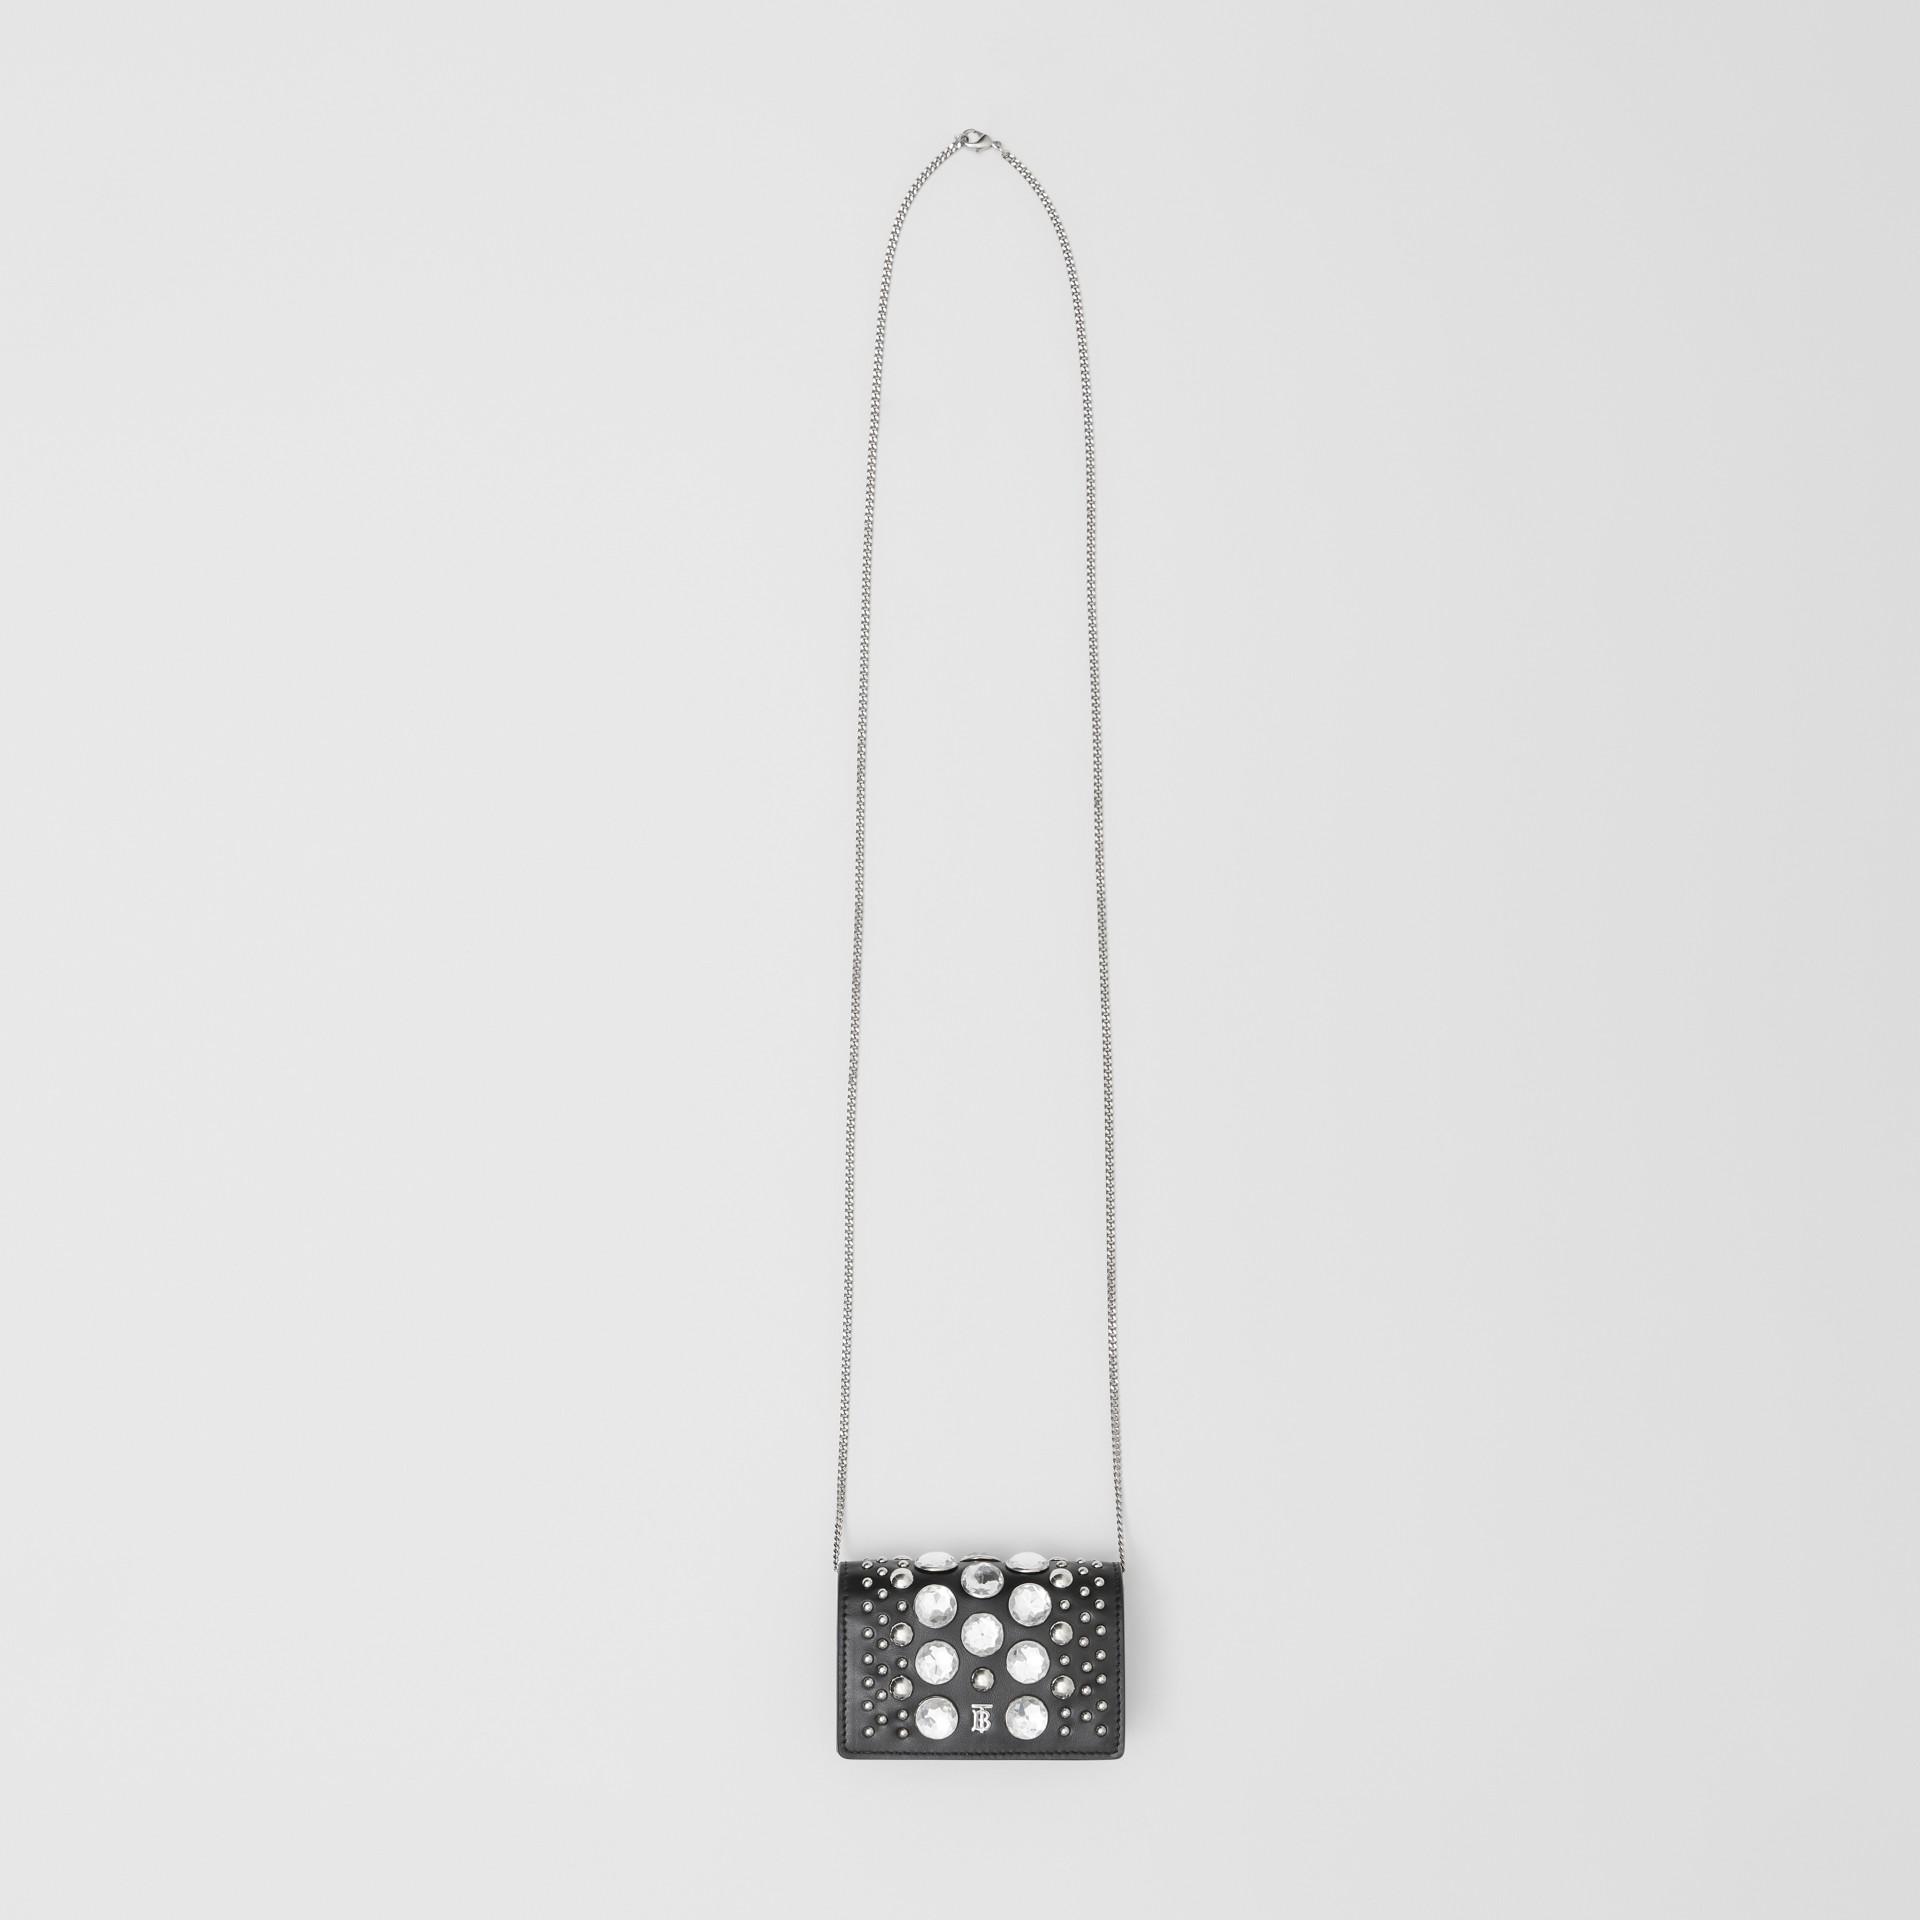 Porte-cartes en cuir avec ornements et sangle amovible (Noir)   Burberry Canada - photo de la galerie 4